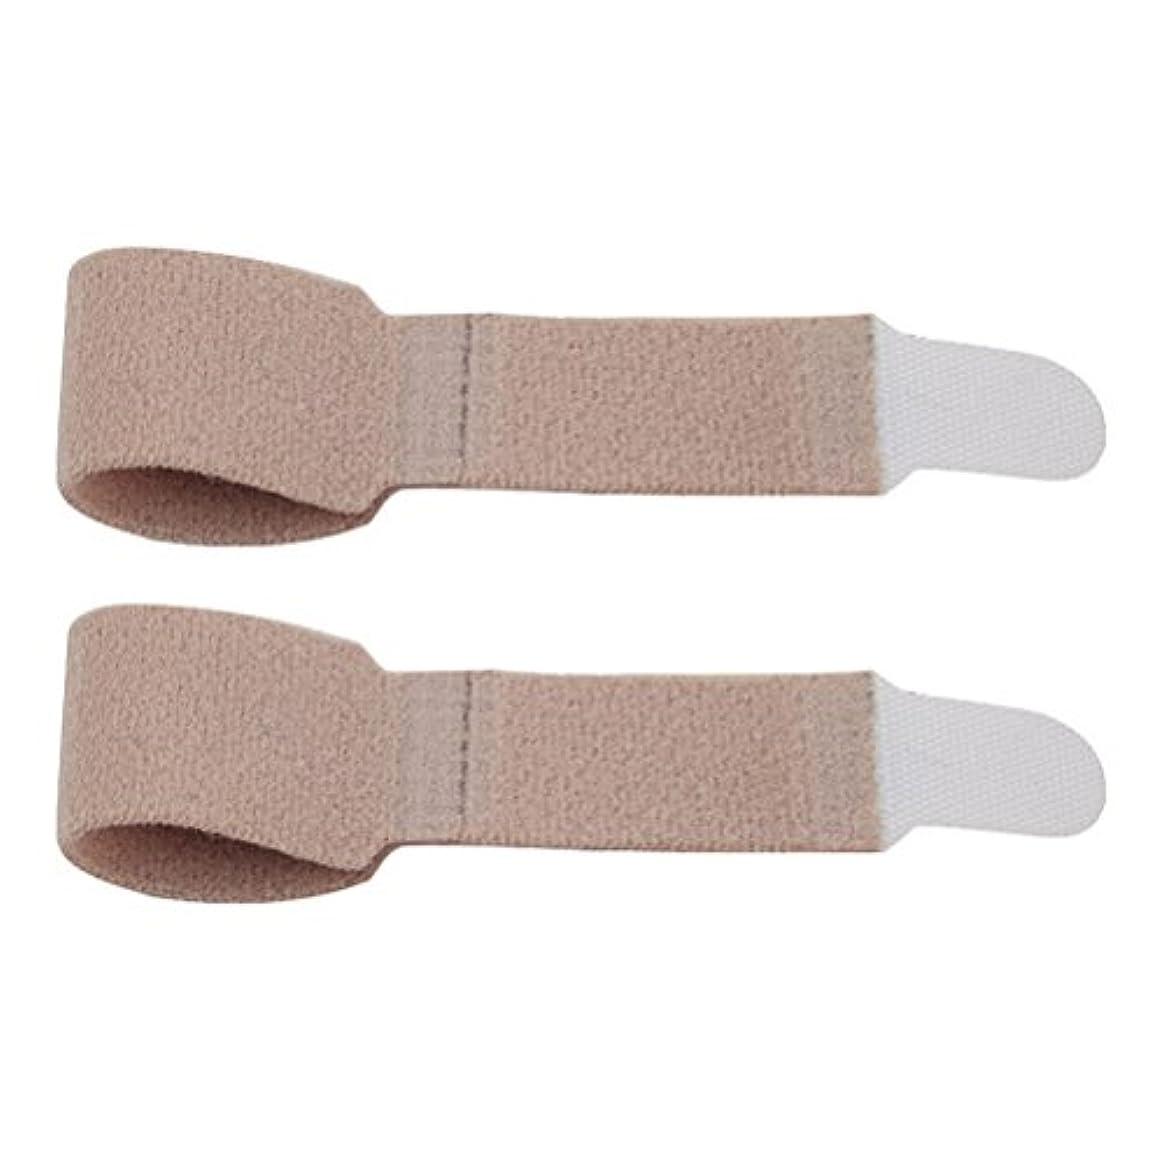 タンパク質同行する報復するHealifty 足指サポーター 足指セパレーター 指兼用 指サポーター 包帯 外反母趾 足指矯正 姿勢補正 浮き指 保護 固定 悪化防止 1ペア